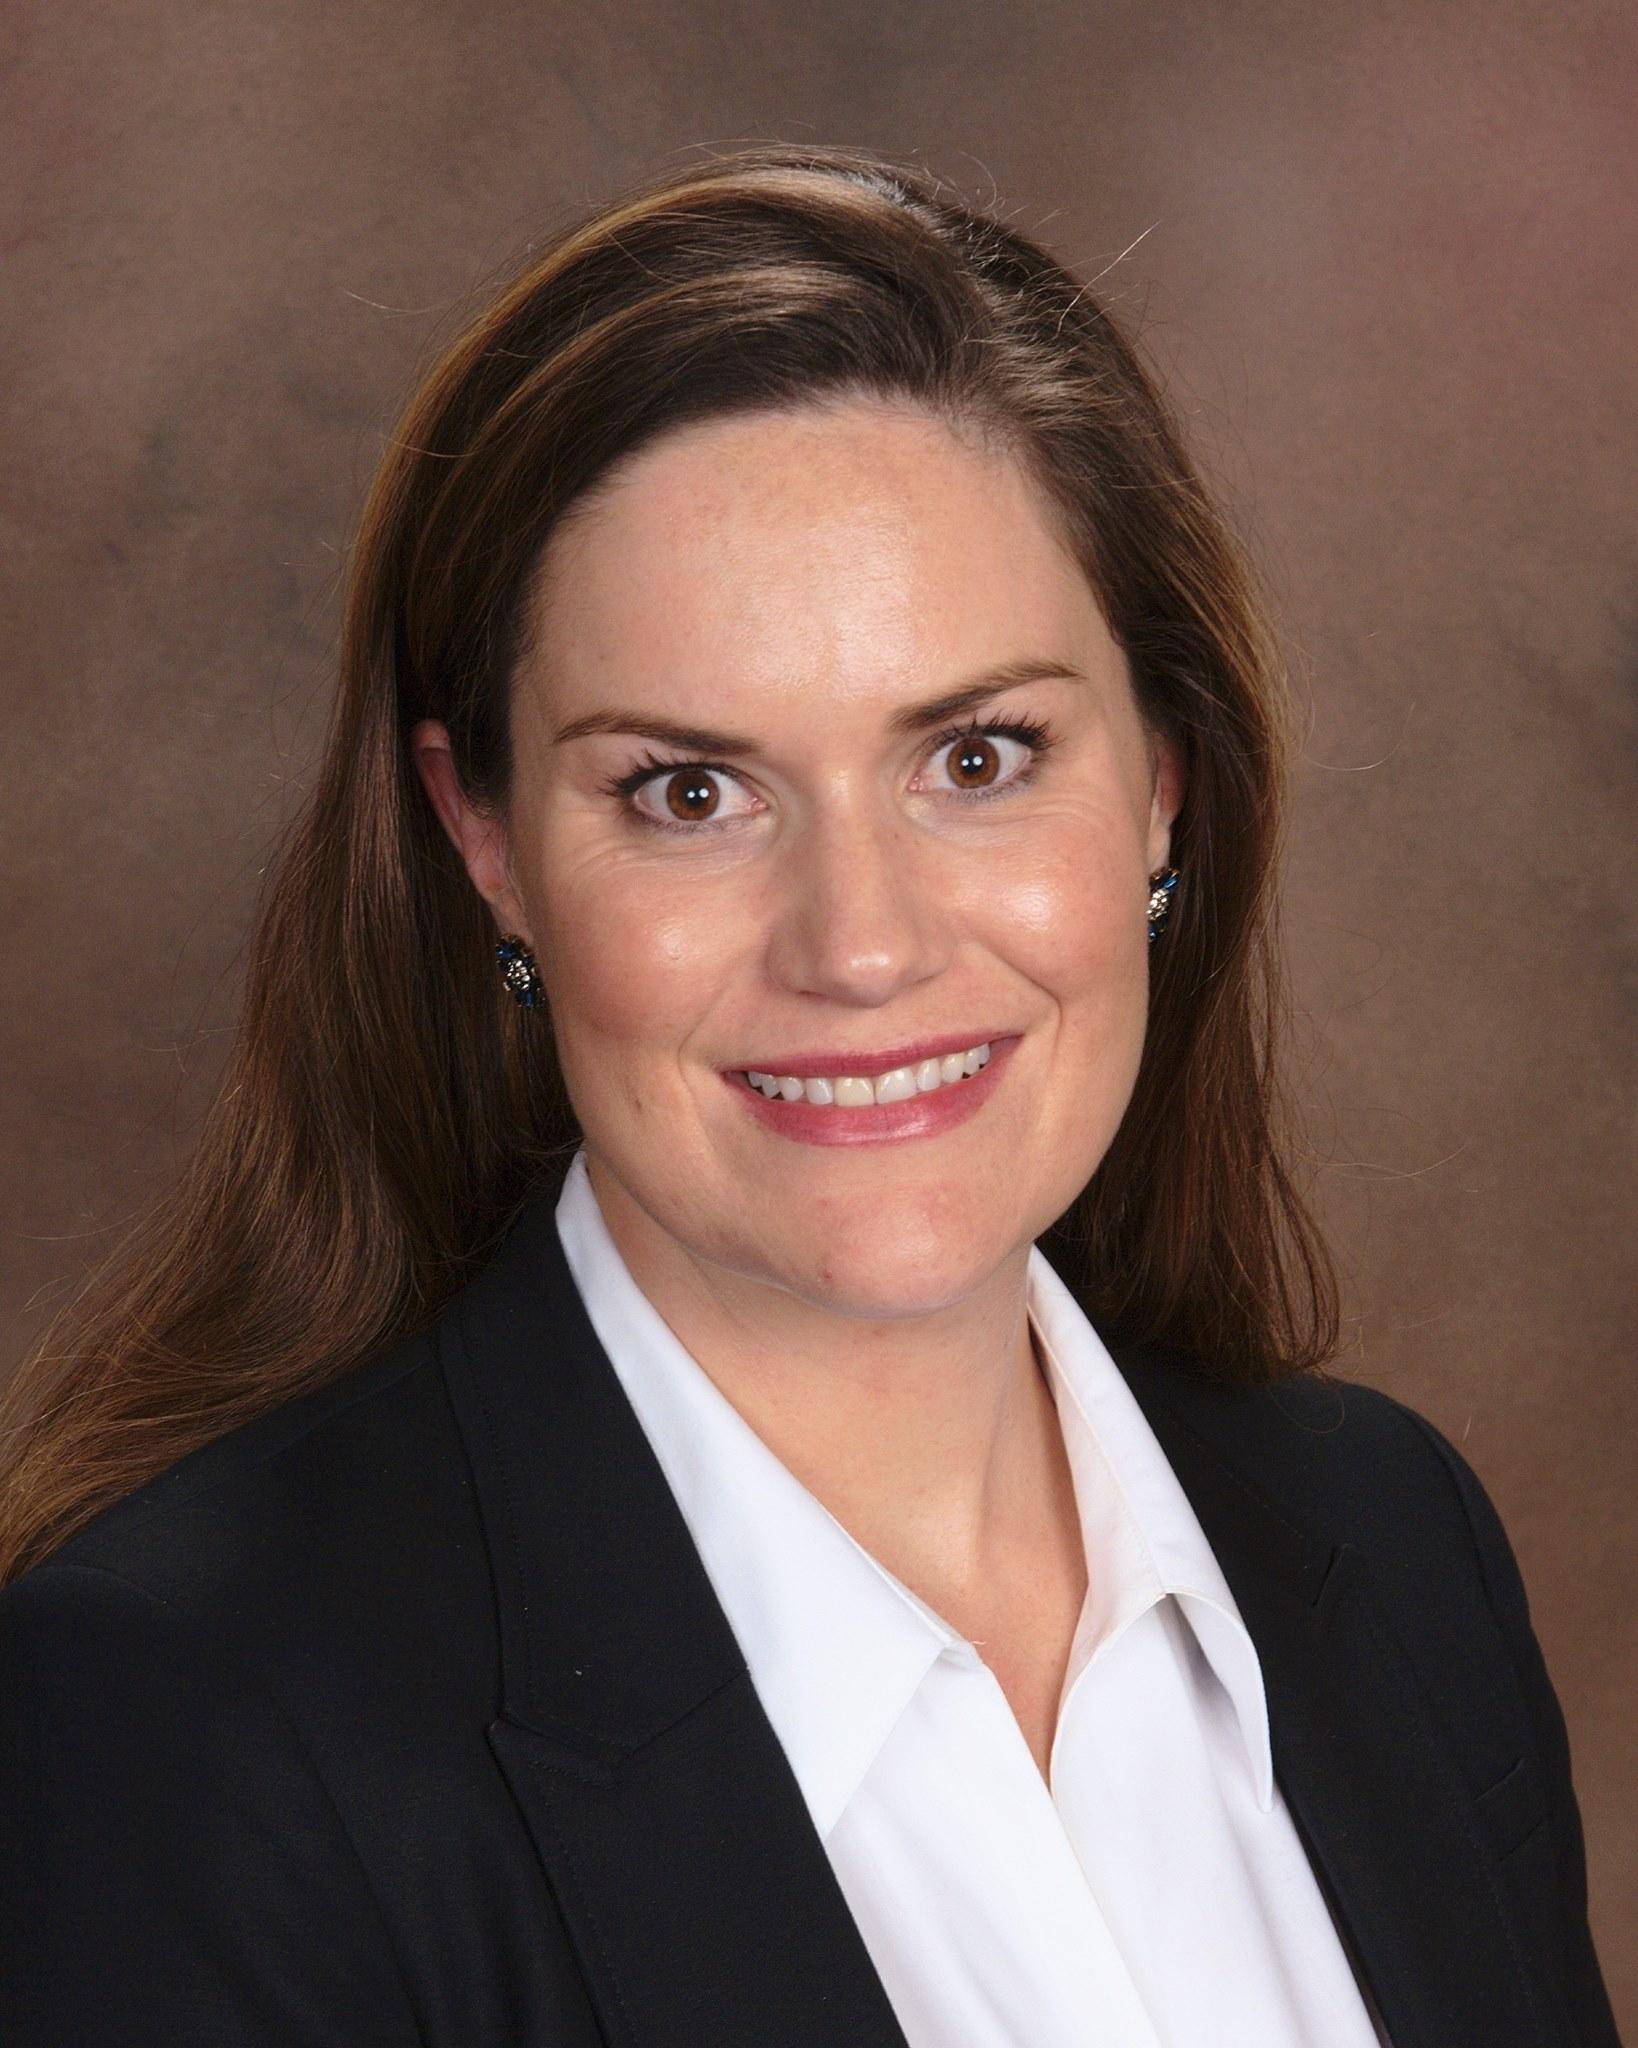 Emily Trautwein, financial advisor Burnsville MN